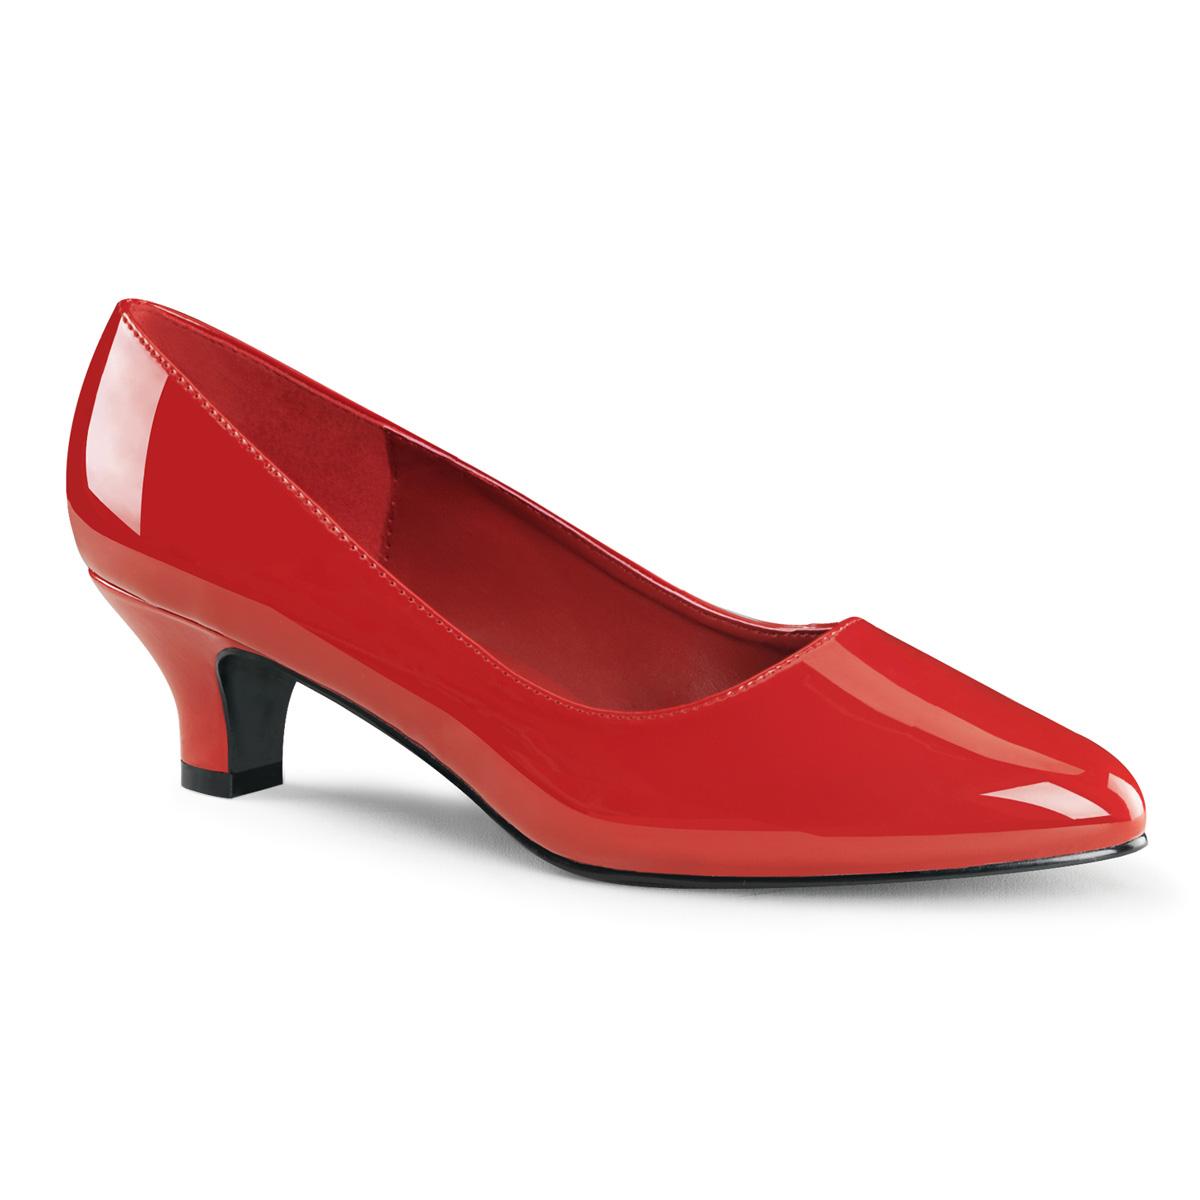 66d0c85f8130 chaussure rouge petit talon